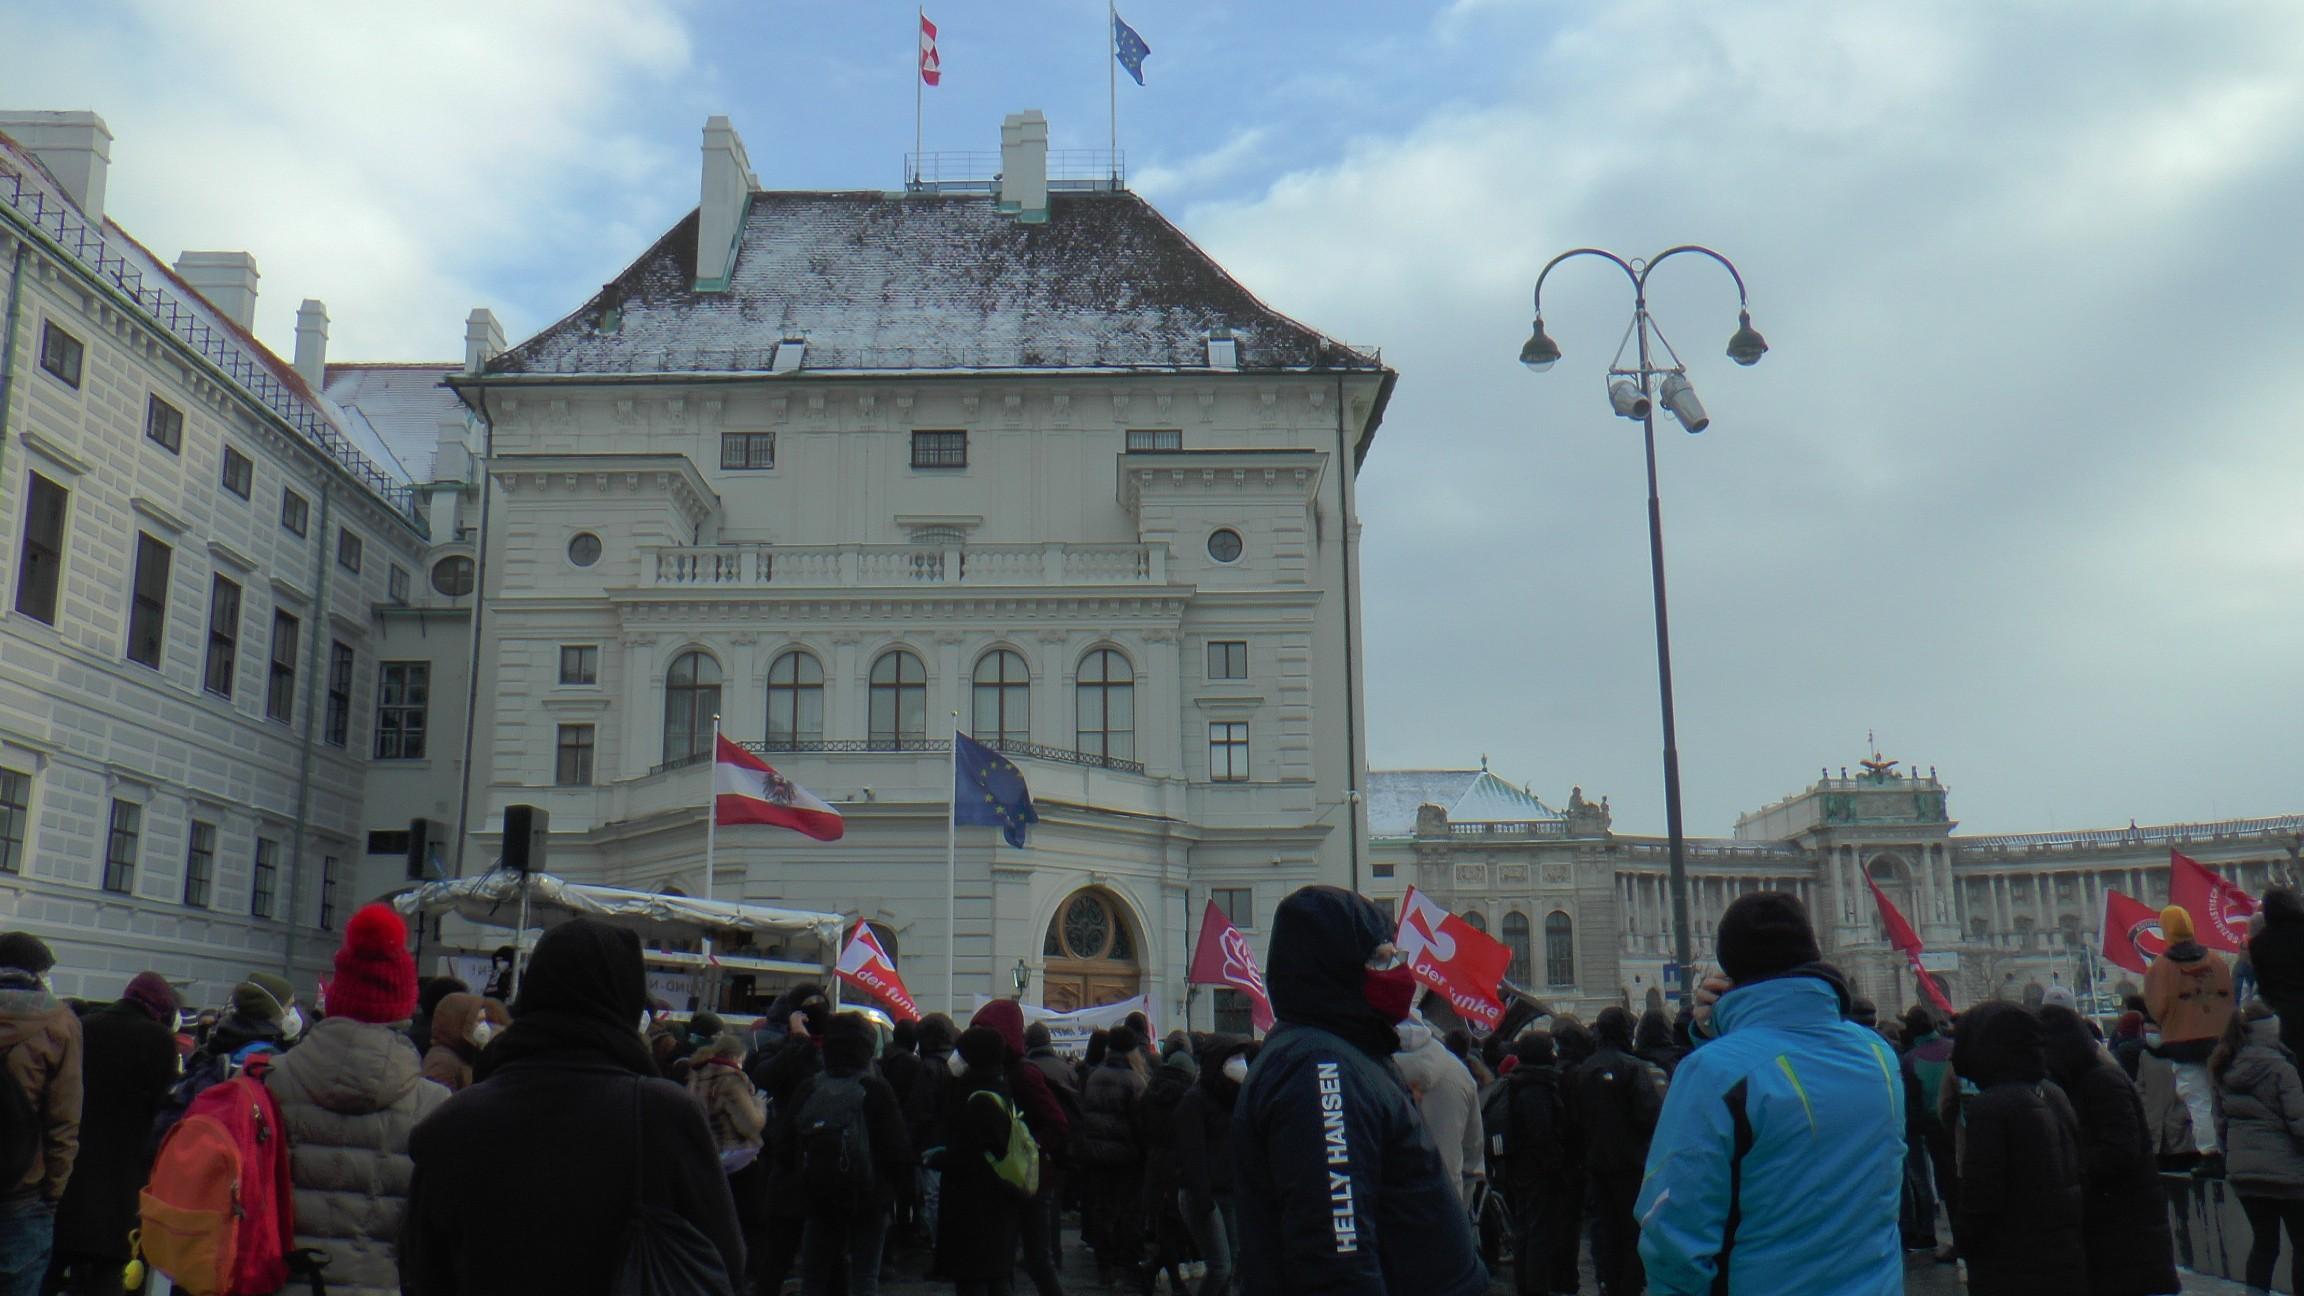 Avusturya'da Covid-19 önlemlerine karşı protesto düzenlendi